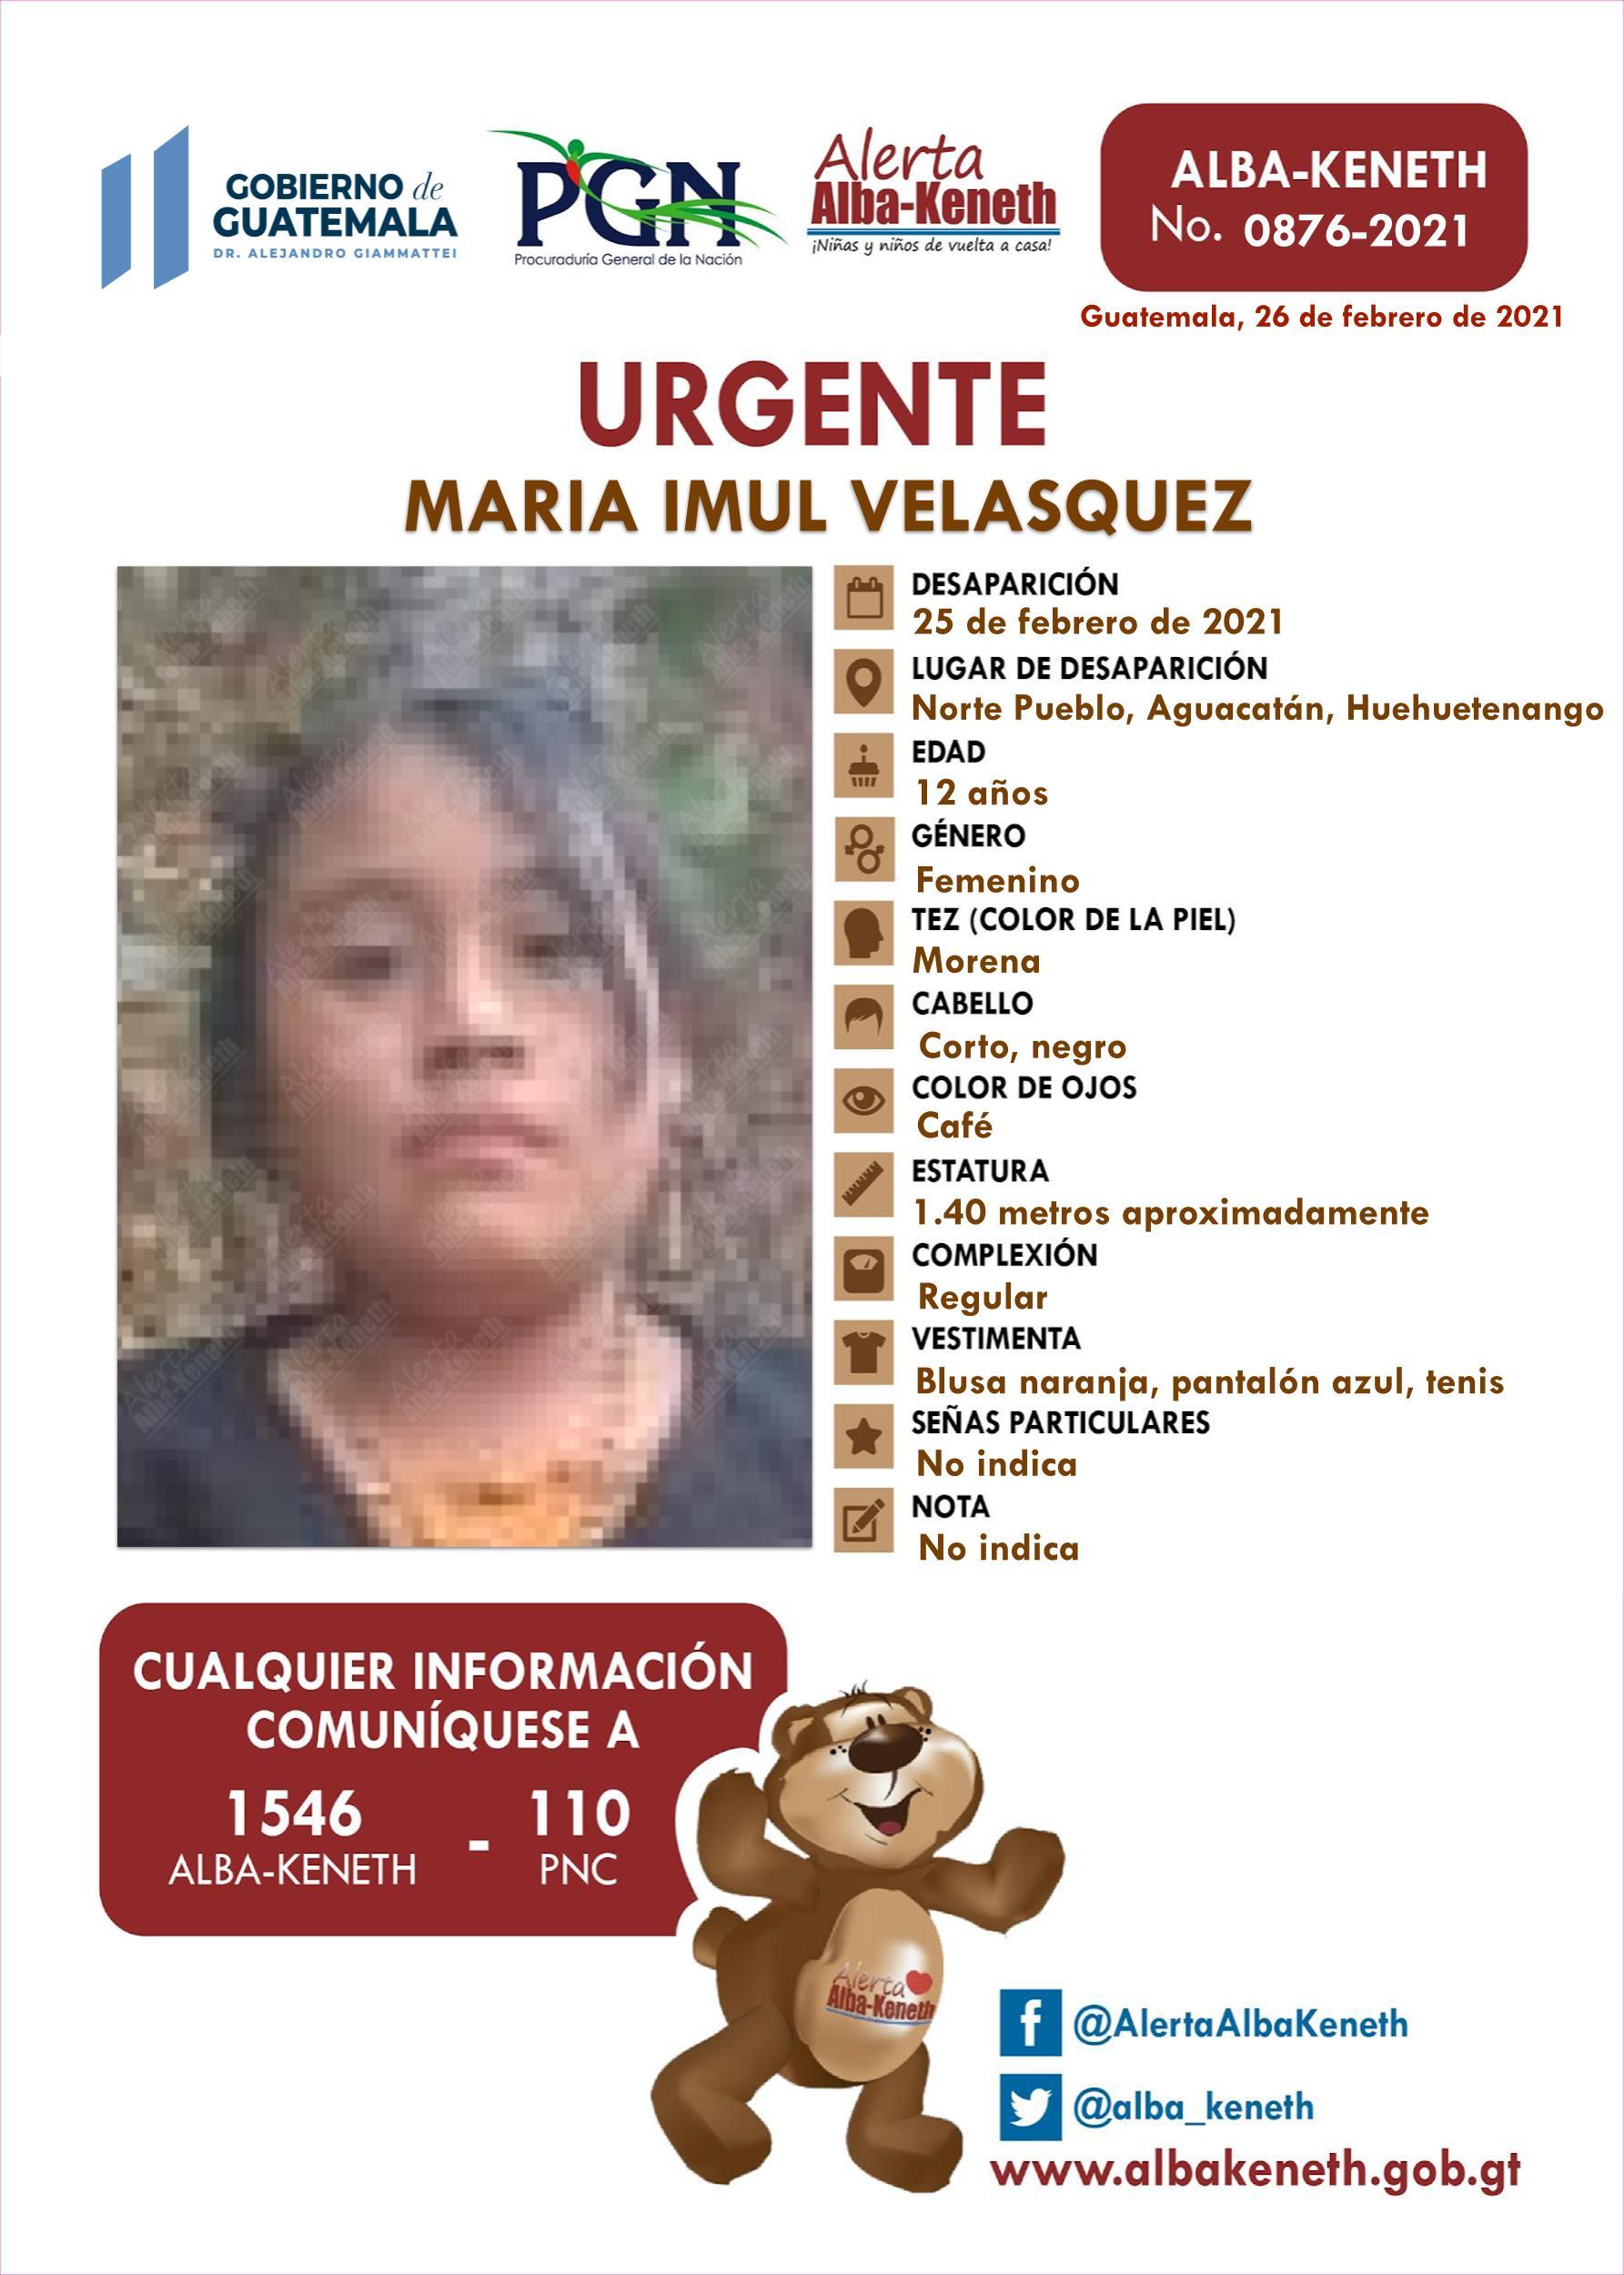 Maria Imul Velasquez